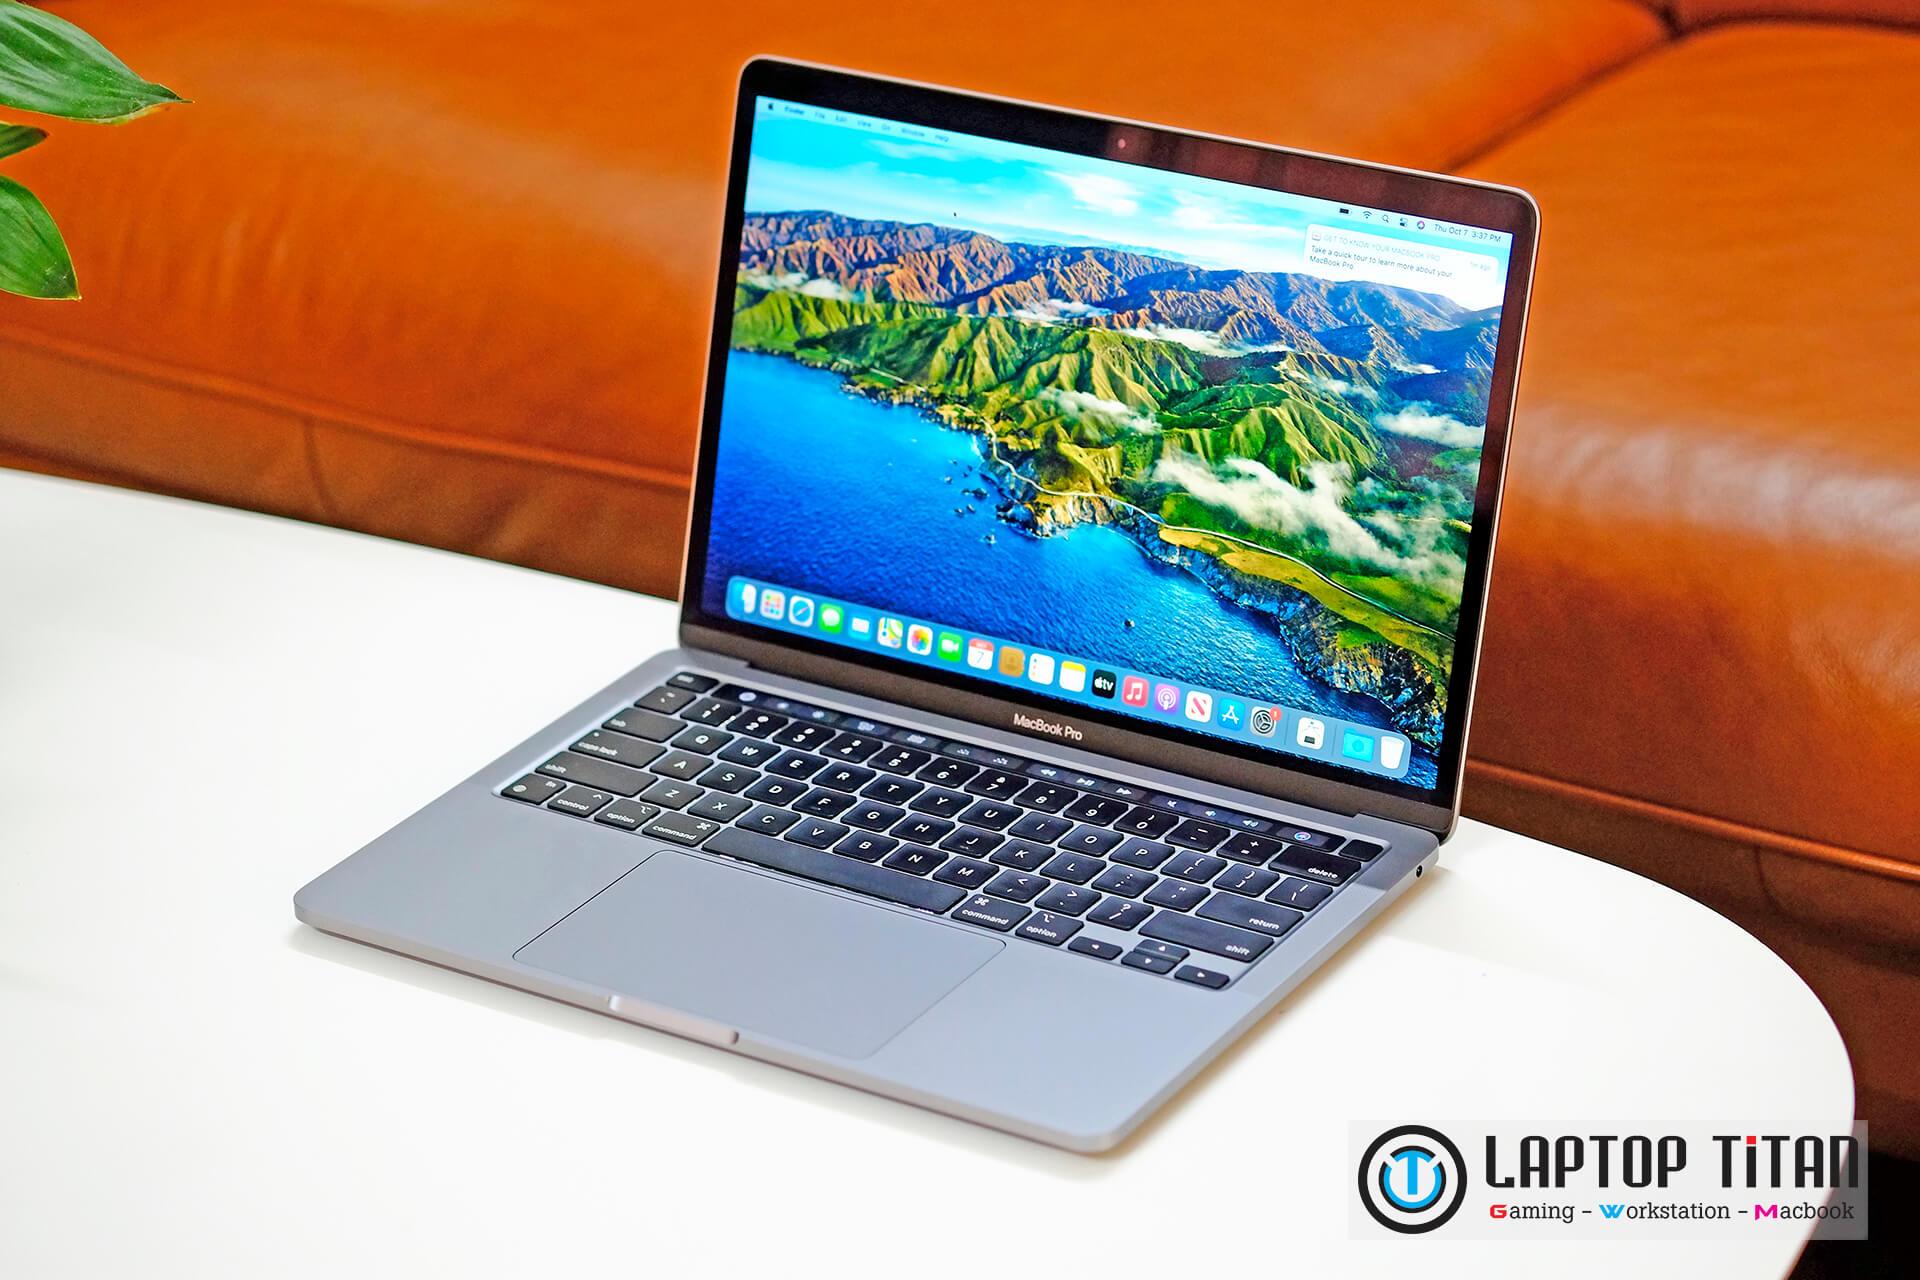 Macbook Pro M1 Laptoptitan 04